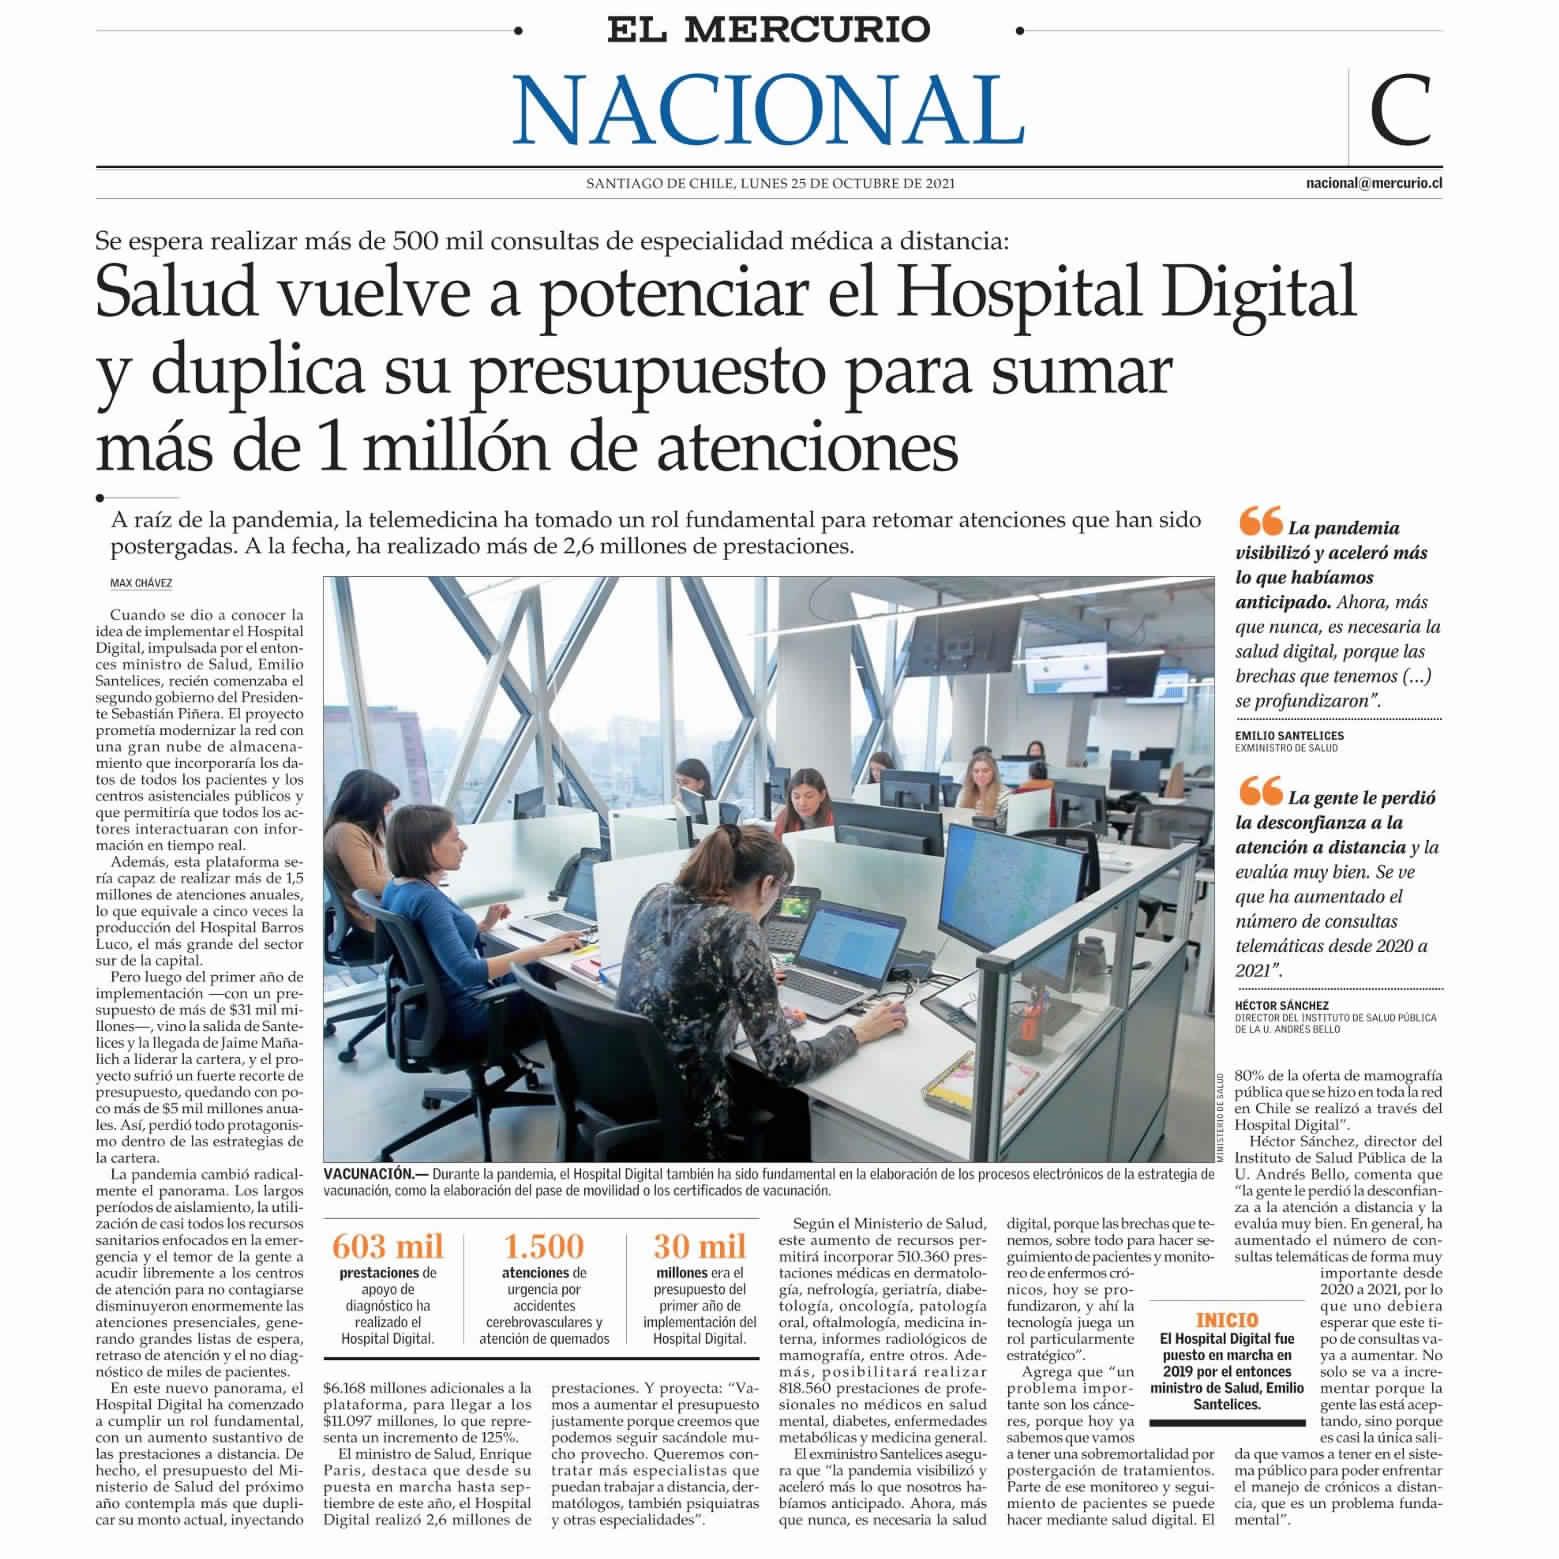 Salud vuelve a potenciar el Hospital Digital y duplica su presupuesto para sumar más de 1 millón de atenciones